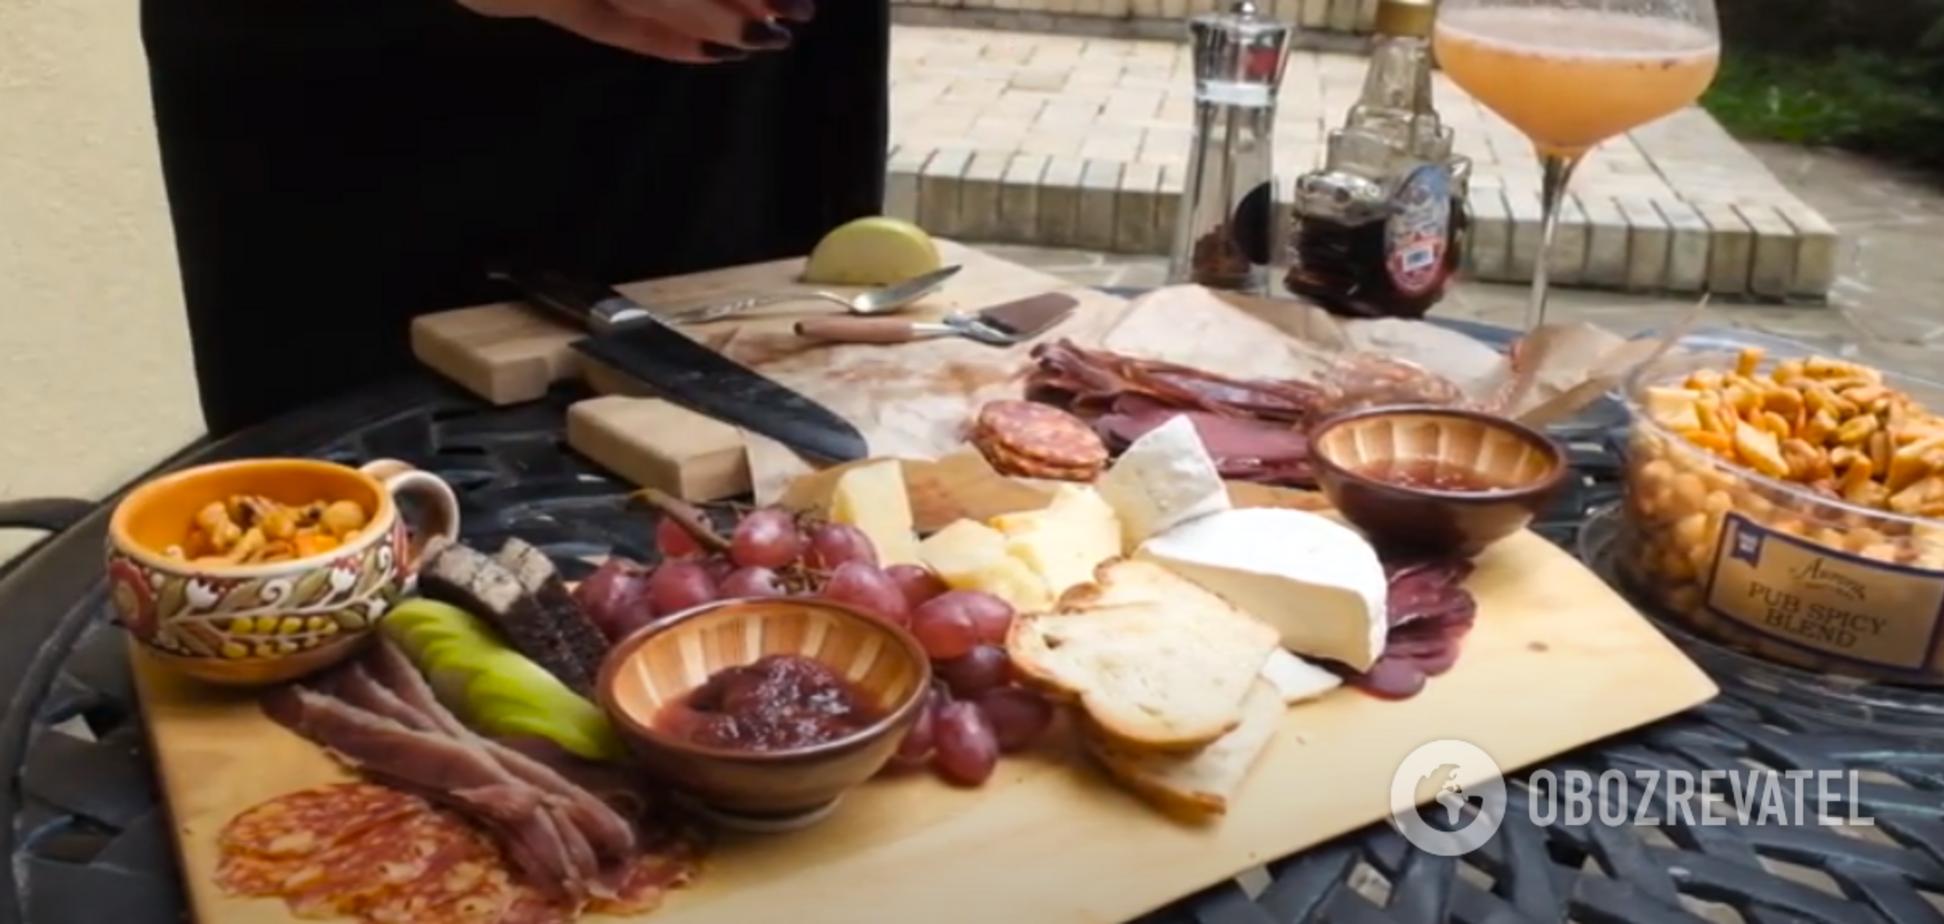 Як скласти м'ясо-сирну тарілку з того, що під рукою